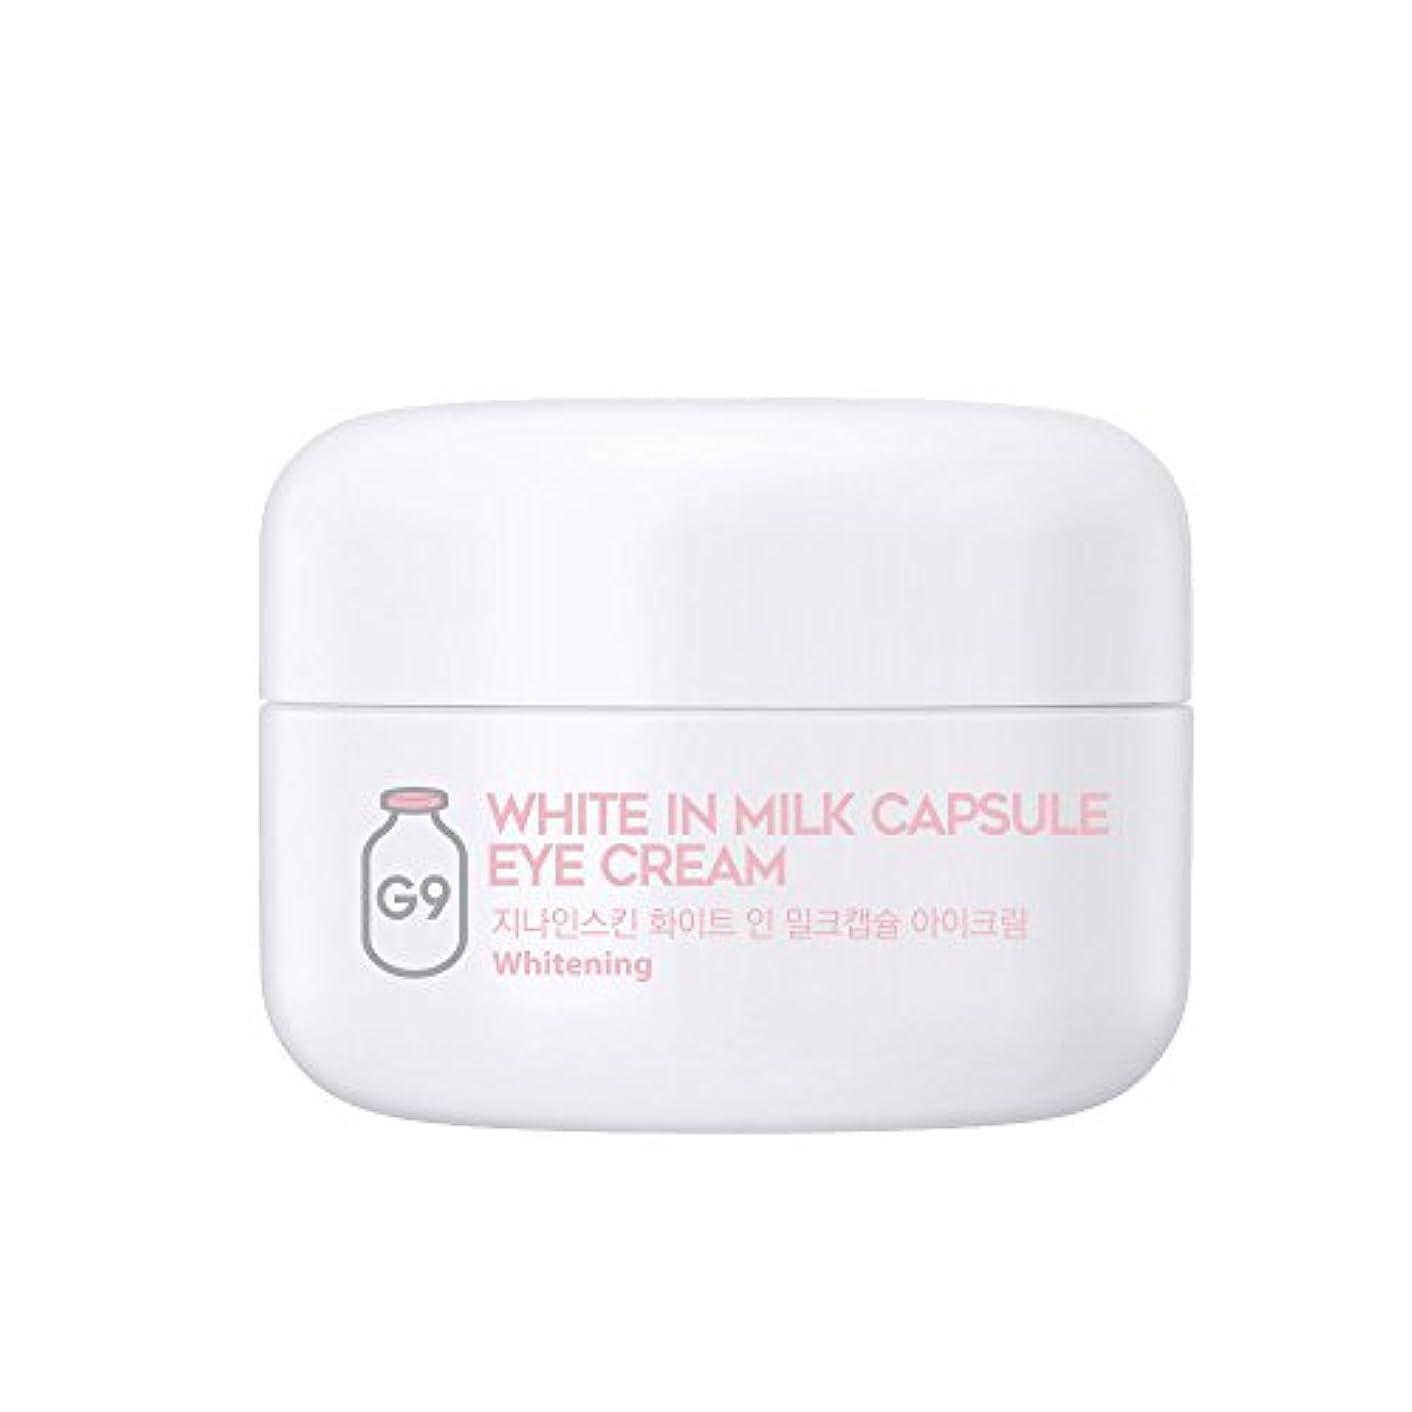 具体的にキリマンジャロ相談するG9SKIN(ベリサム) White In Milk Capsule Eye Cream ホワイトインミルクカプセルアイクリーム 30g